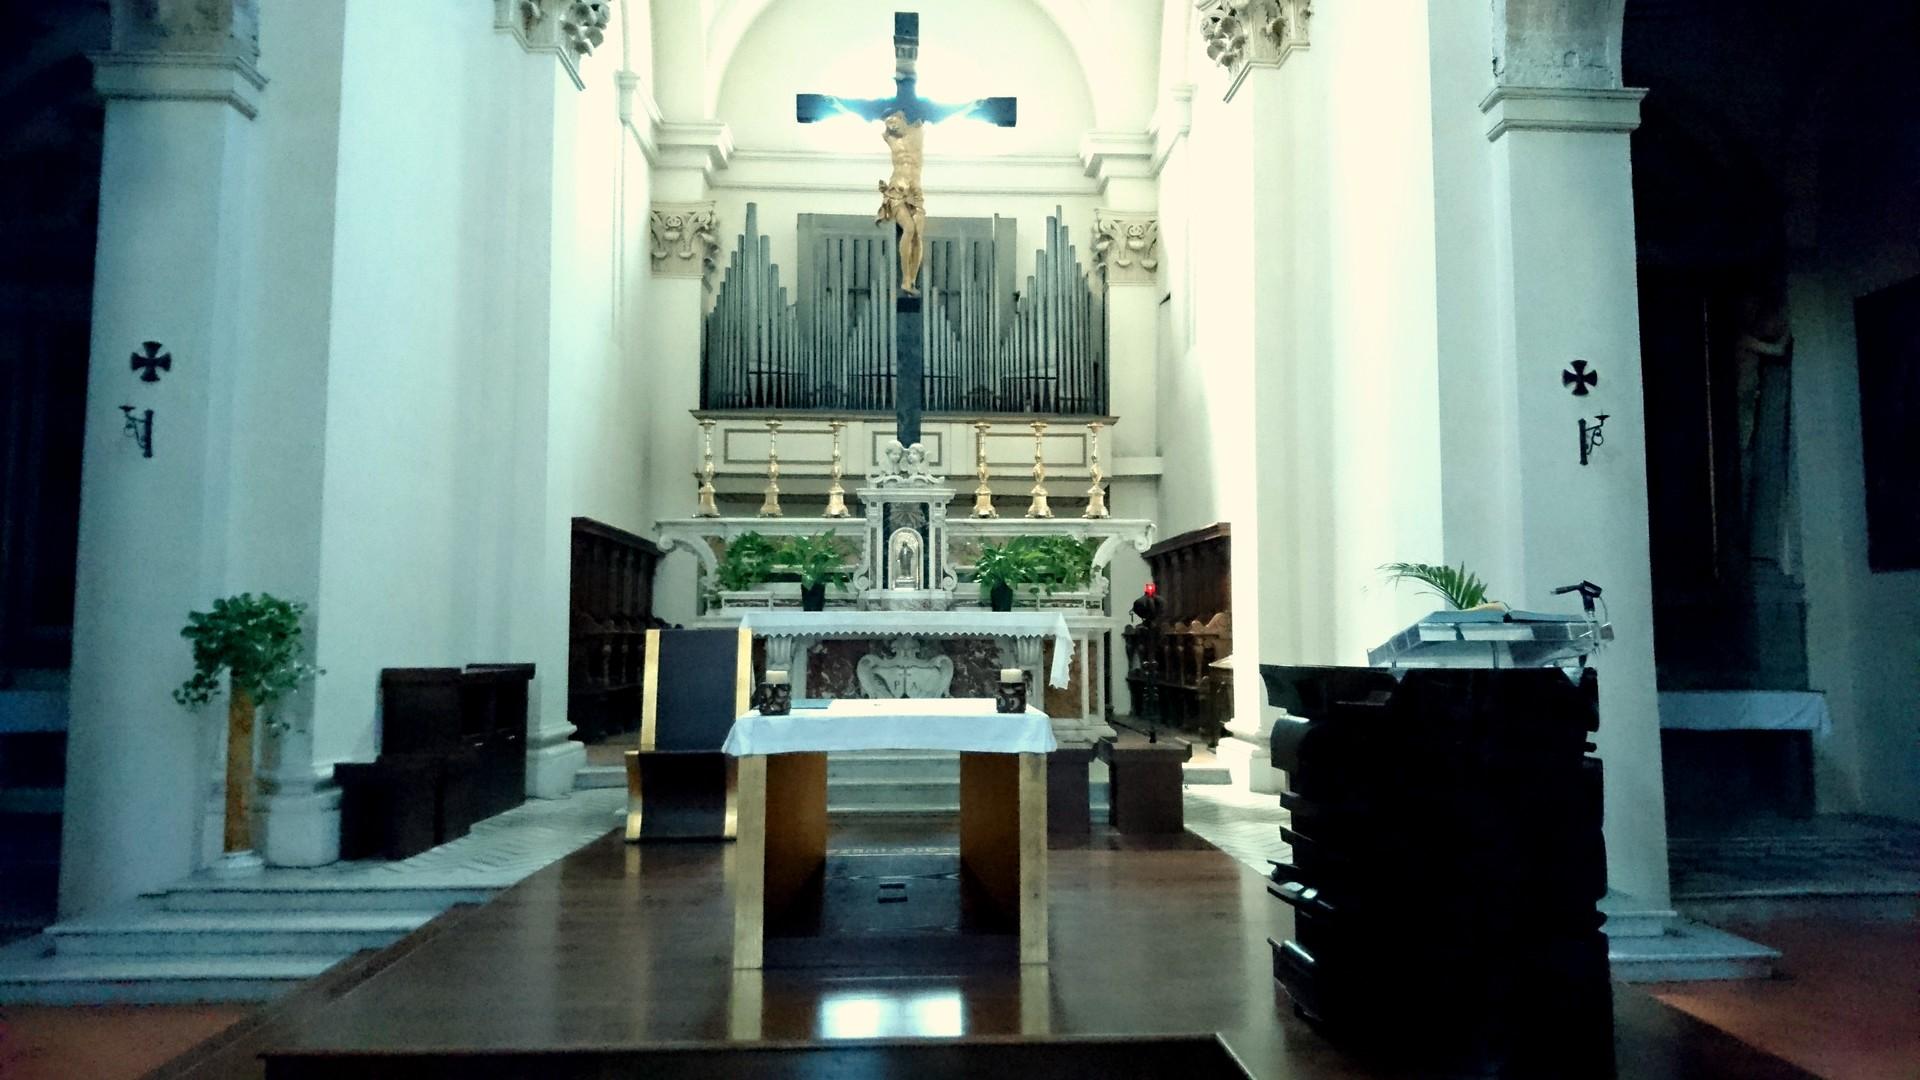 churches-beauty-84cc40bea5cae5a52dc5cae2